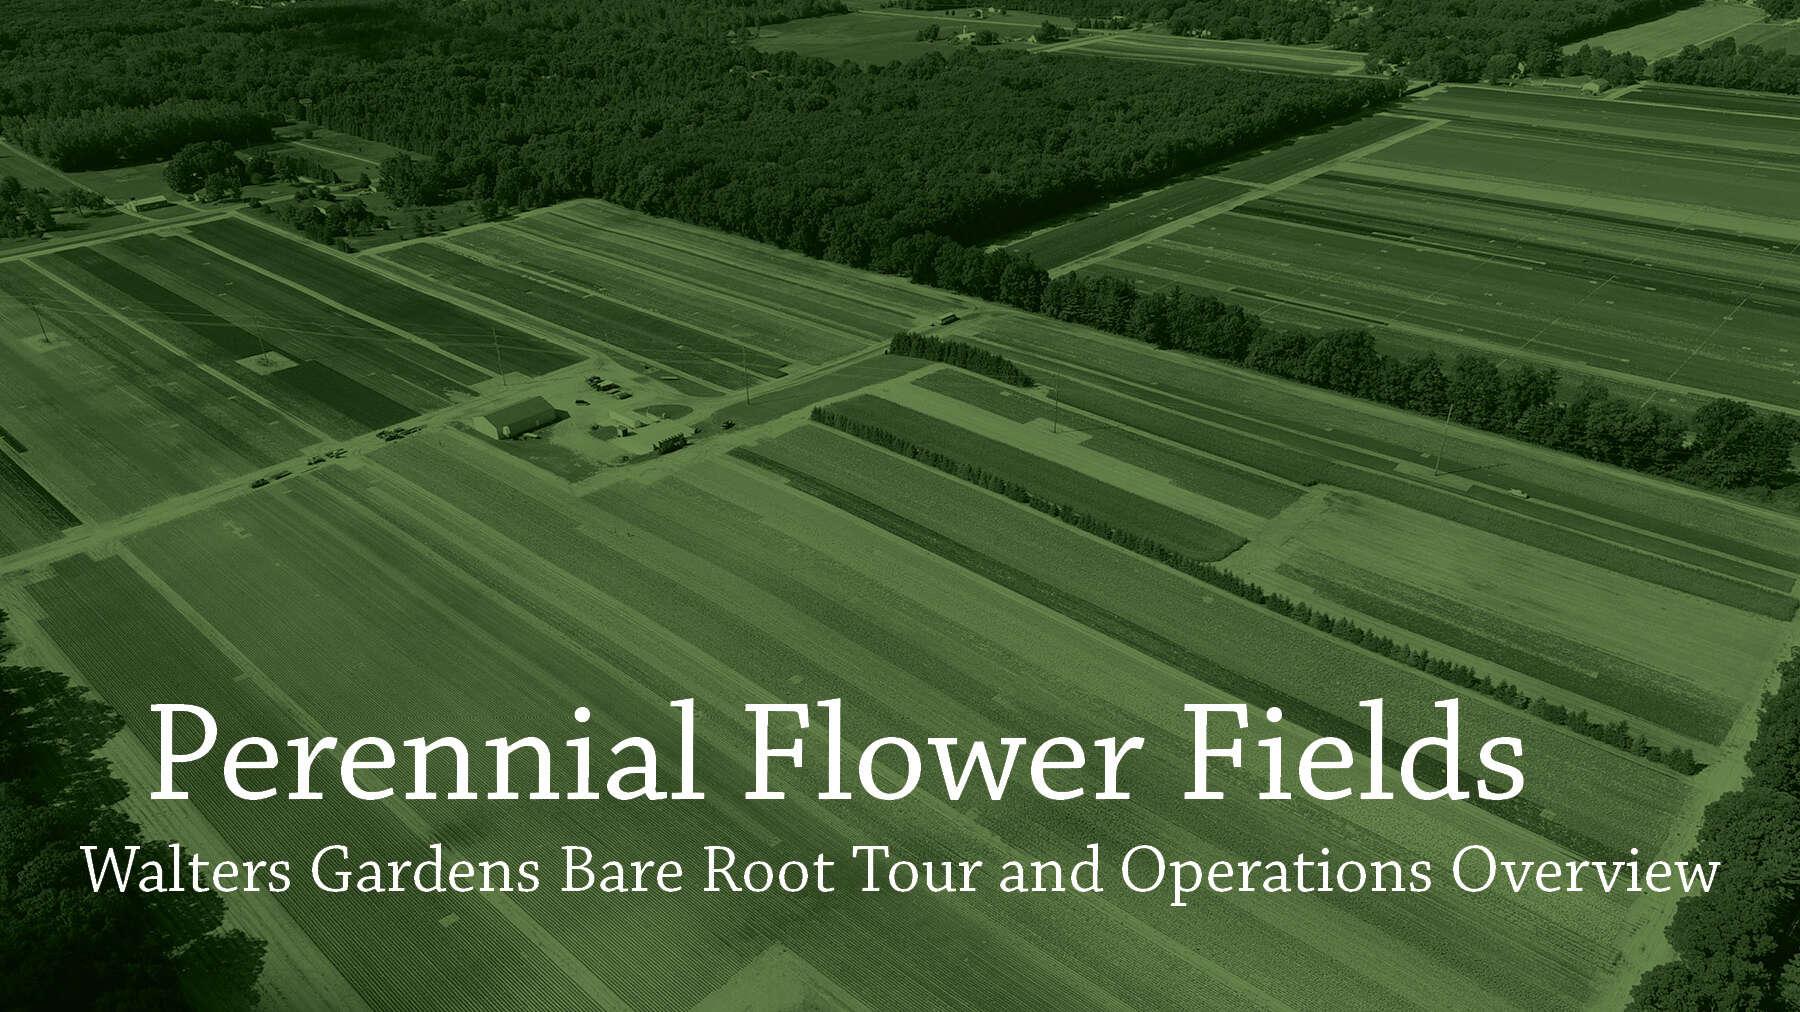 Perennial Flower Fields Tour